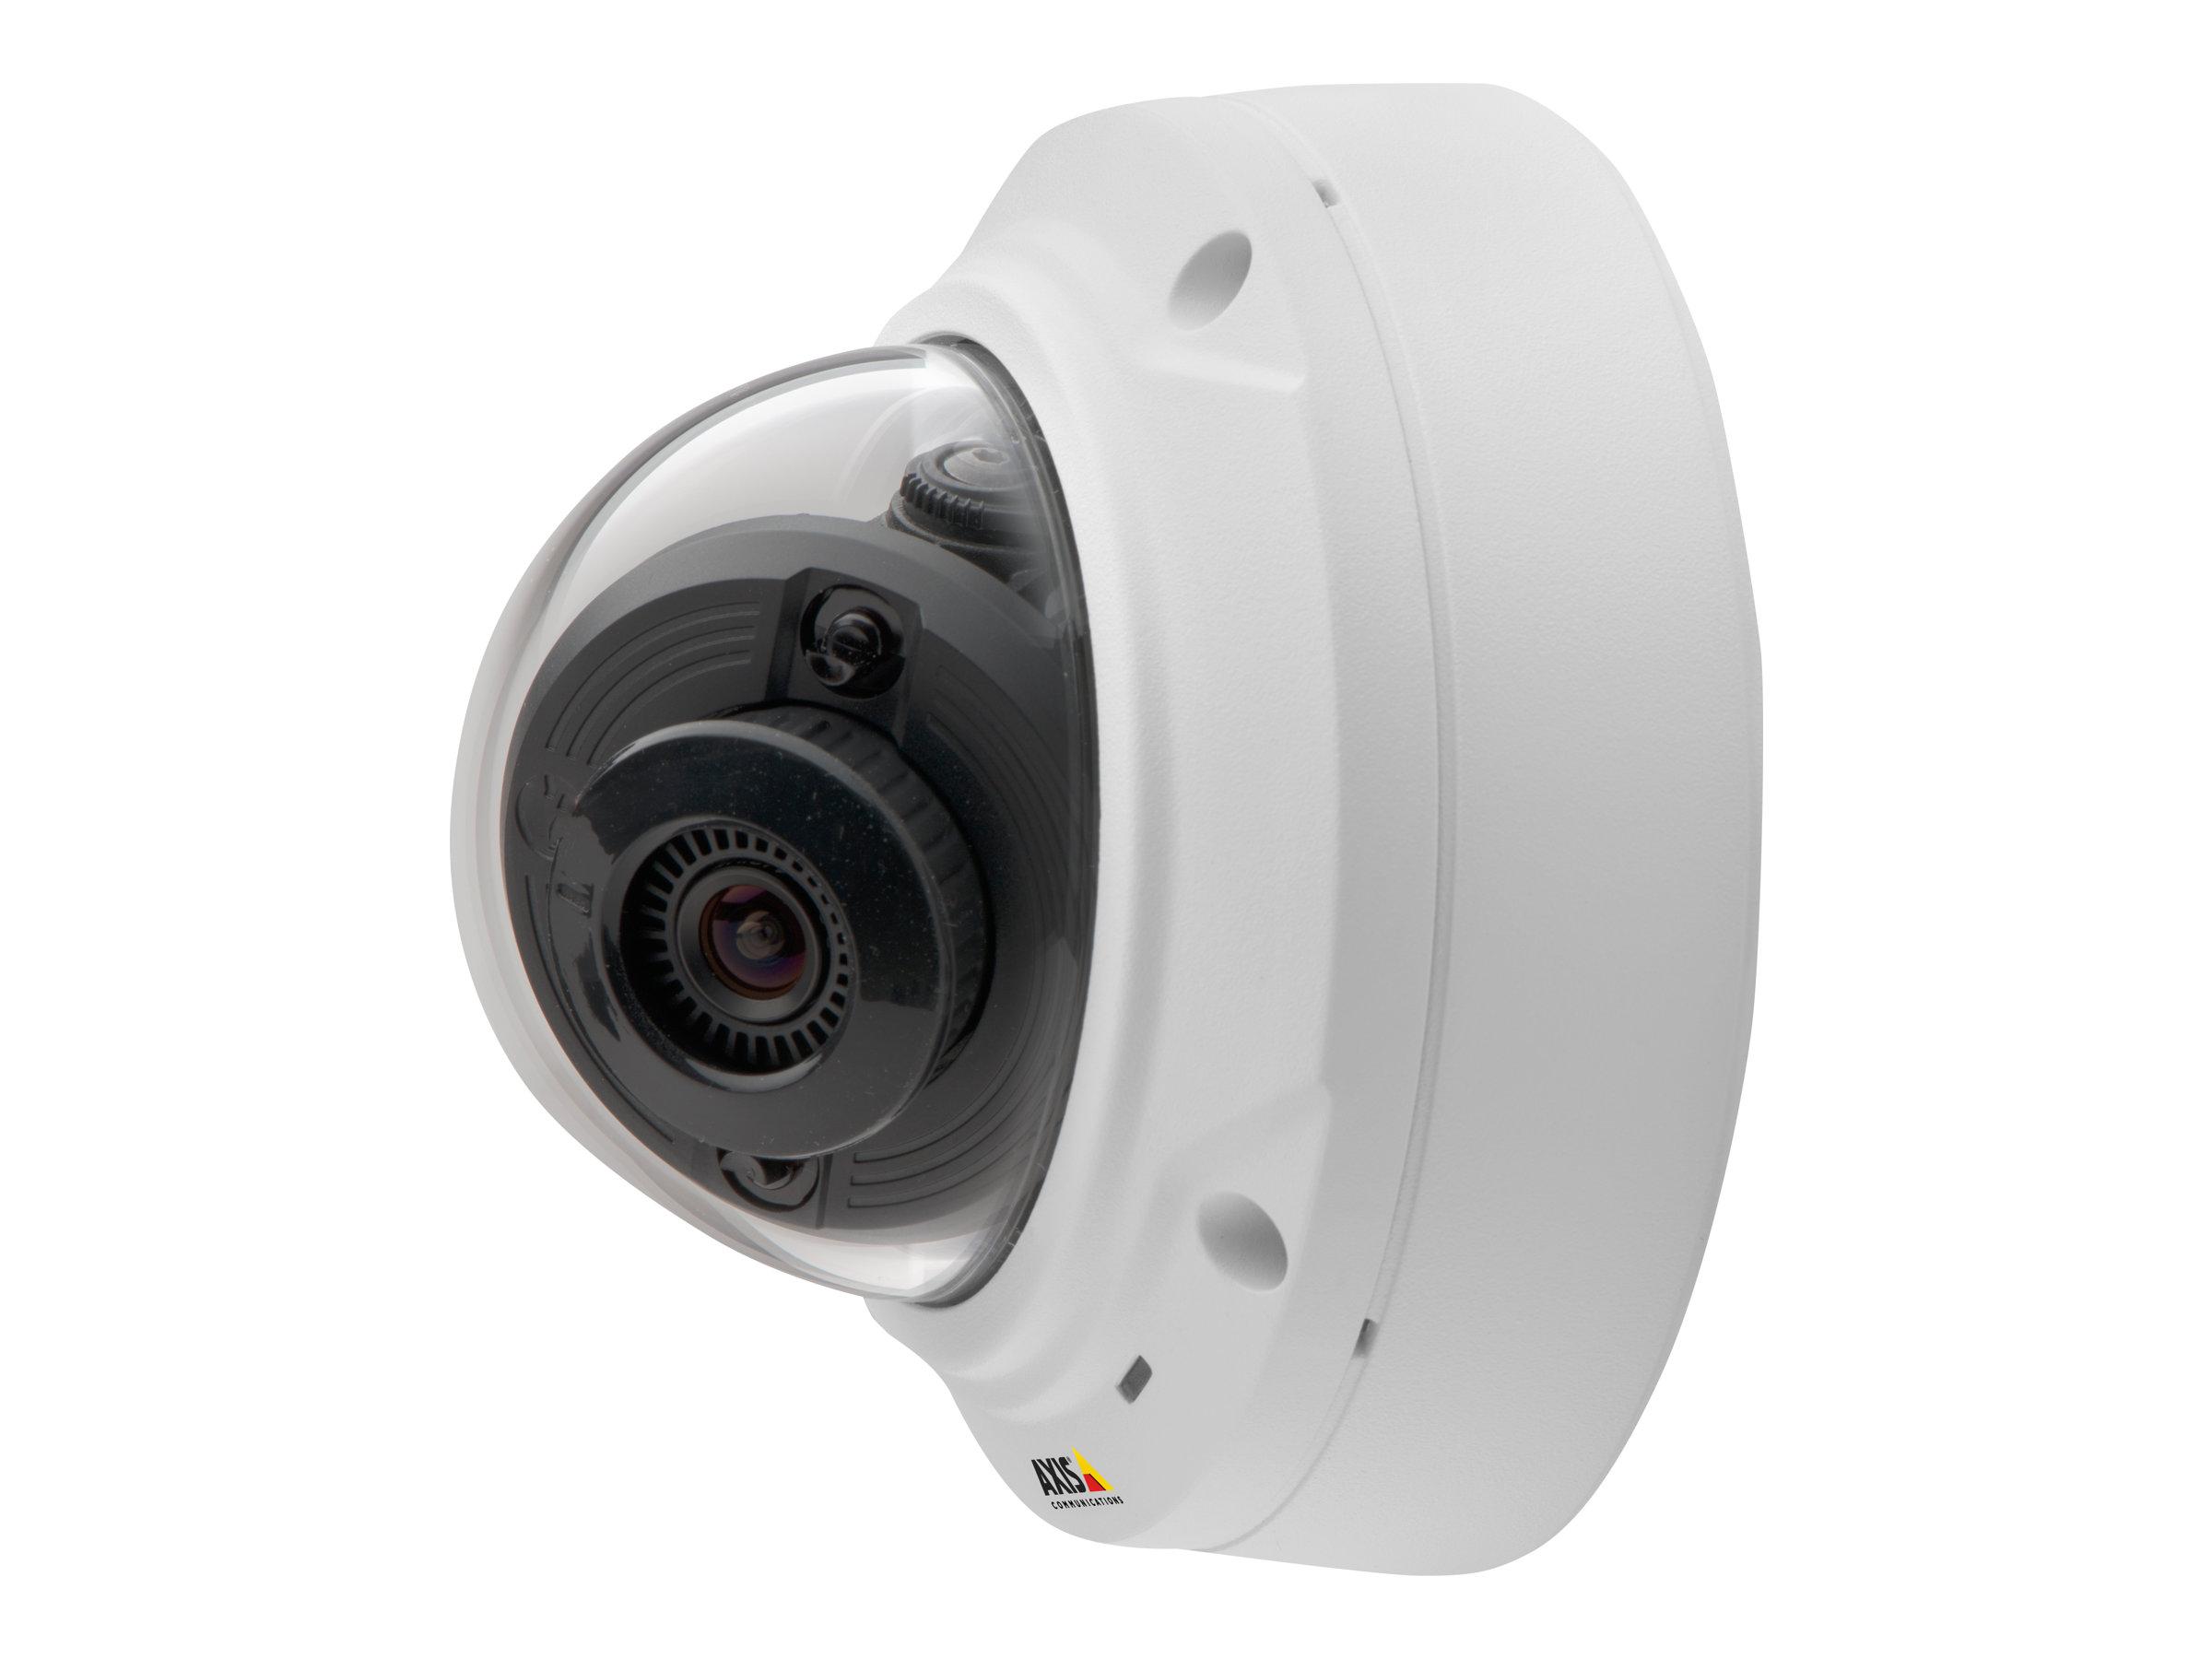 AXIS M3024-LVE Network Camera - Netzwerk-Überwachungskamera - Kuppel - Aussenbereich - staubdicht/wasserdicht/zerstörungssicher